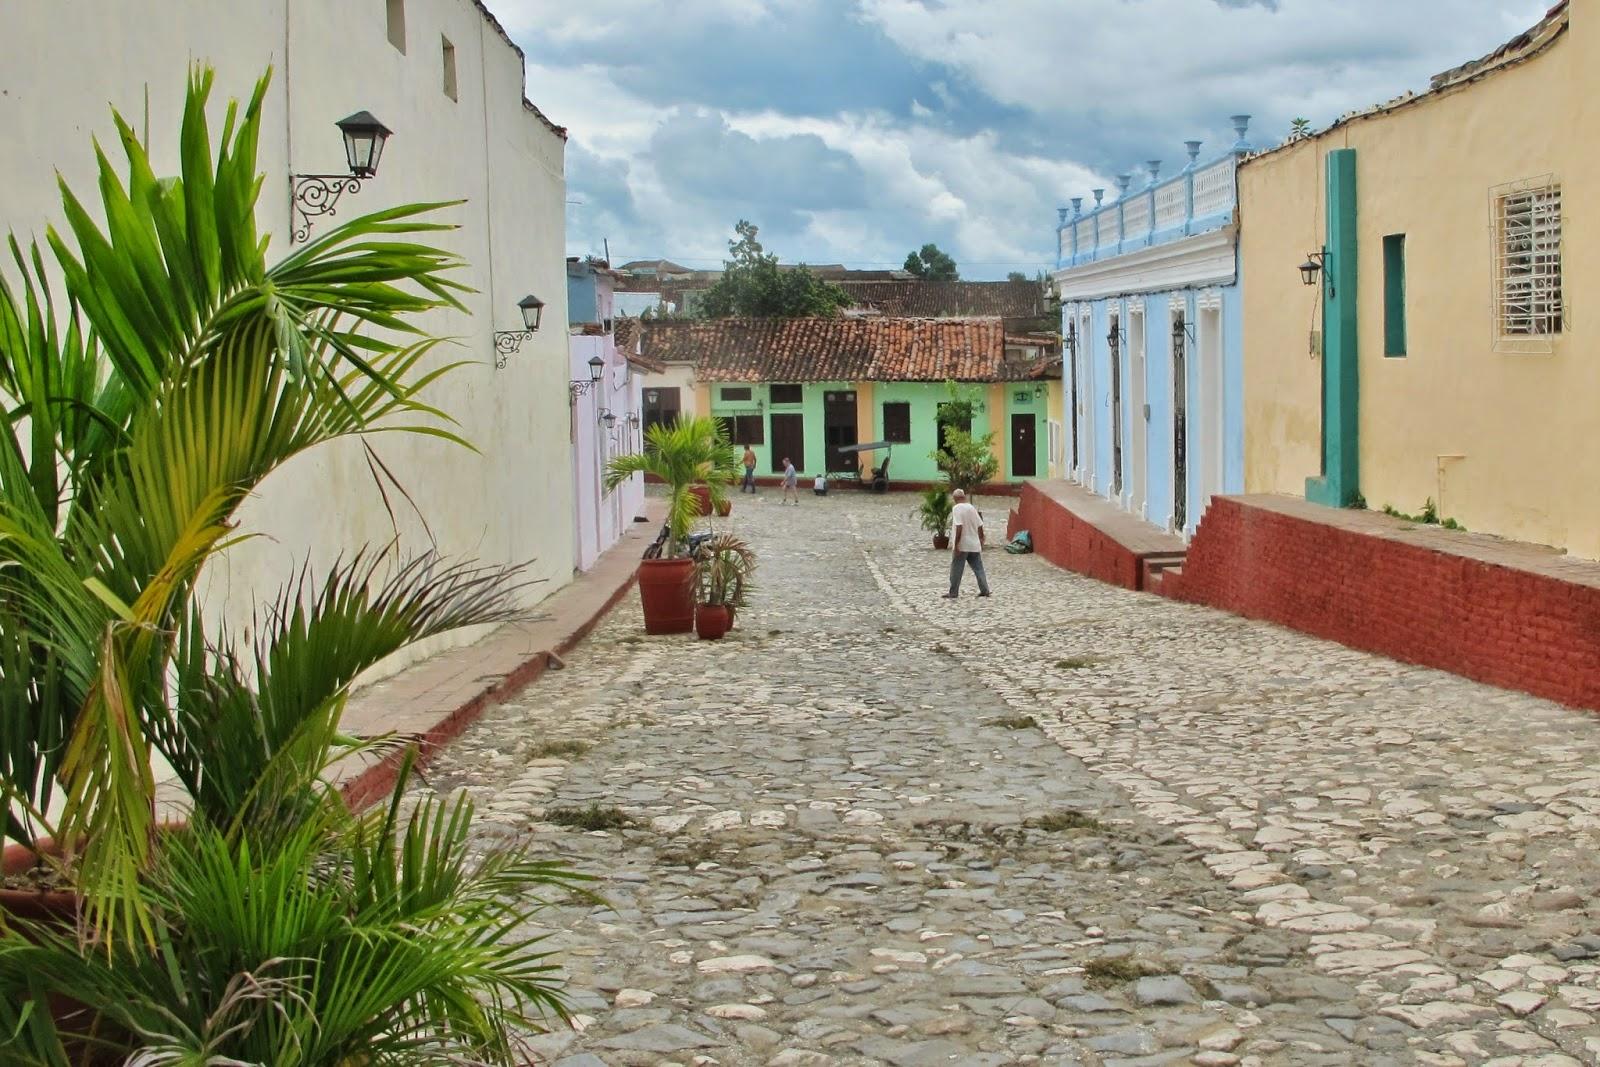 Centro histórico de Sanctu Spiritus, na região central de Cuba